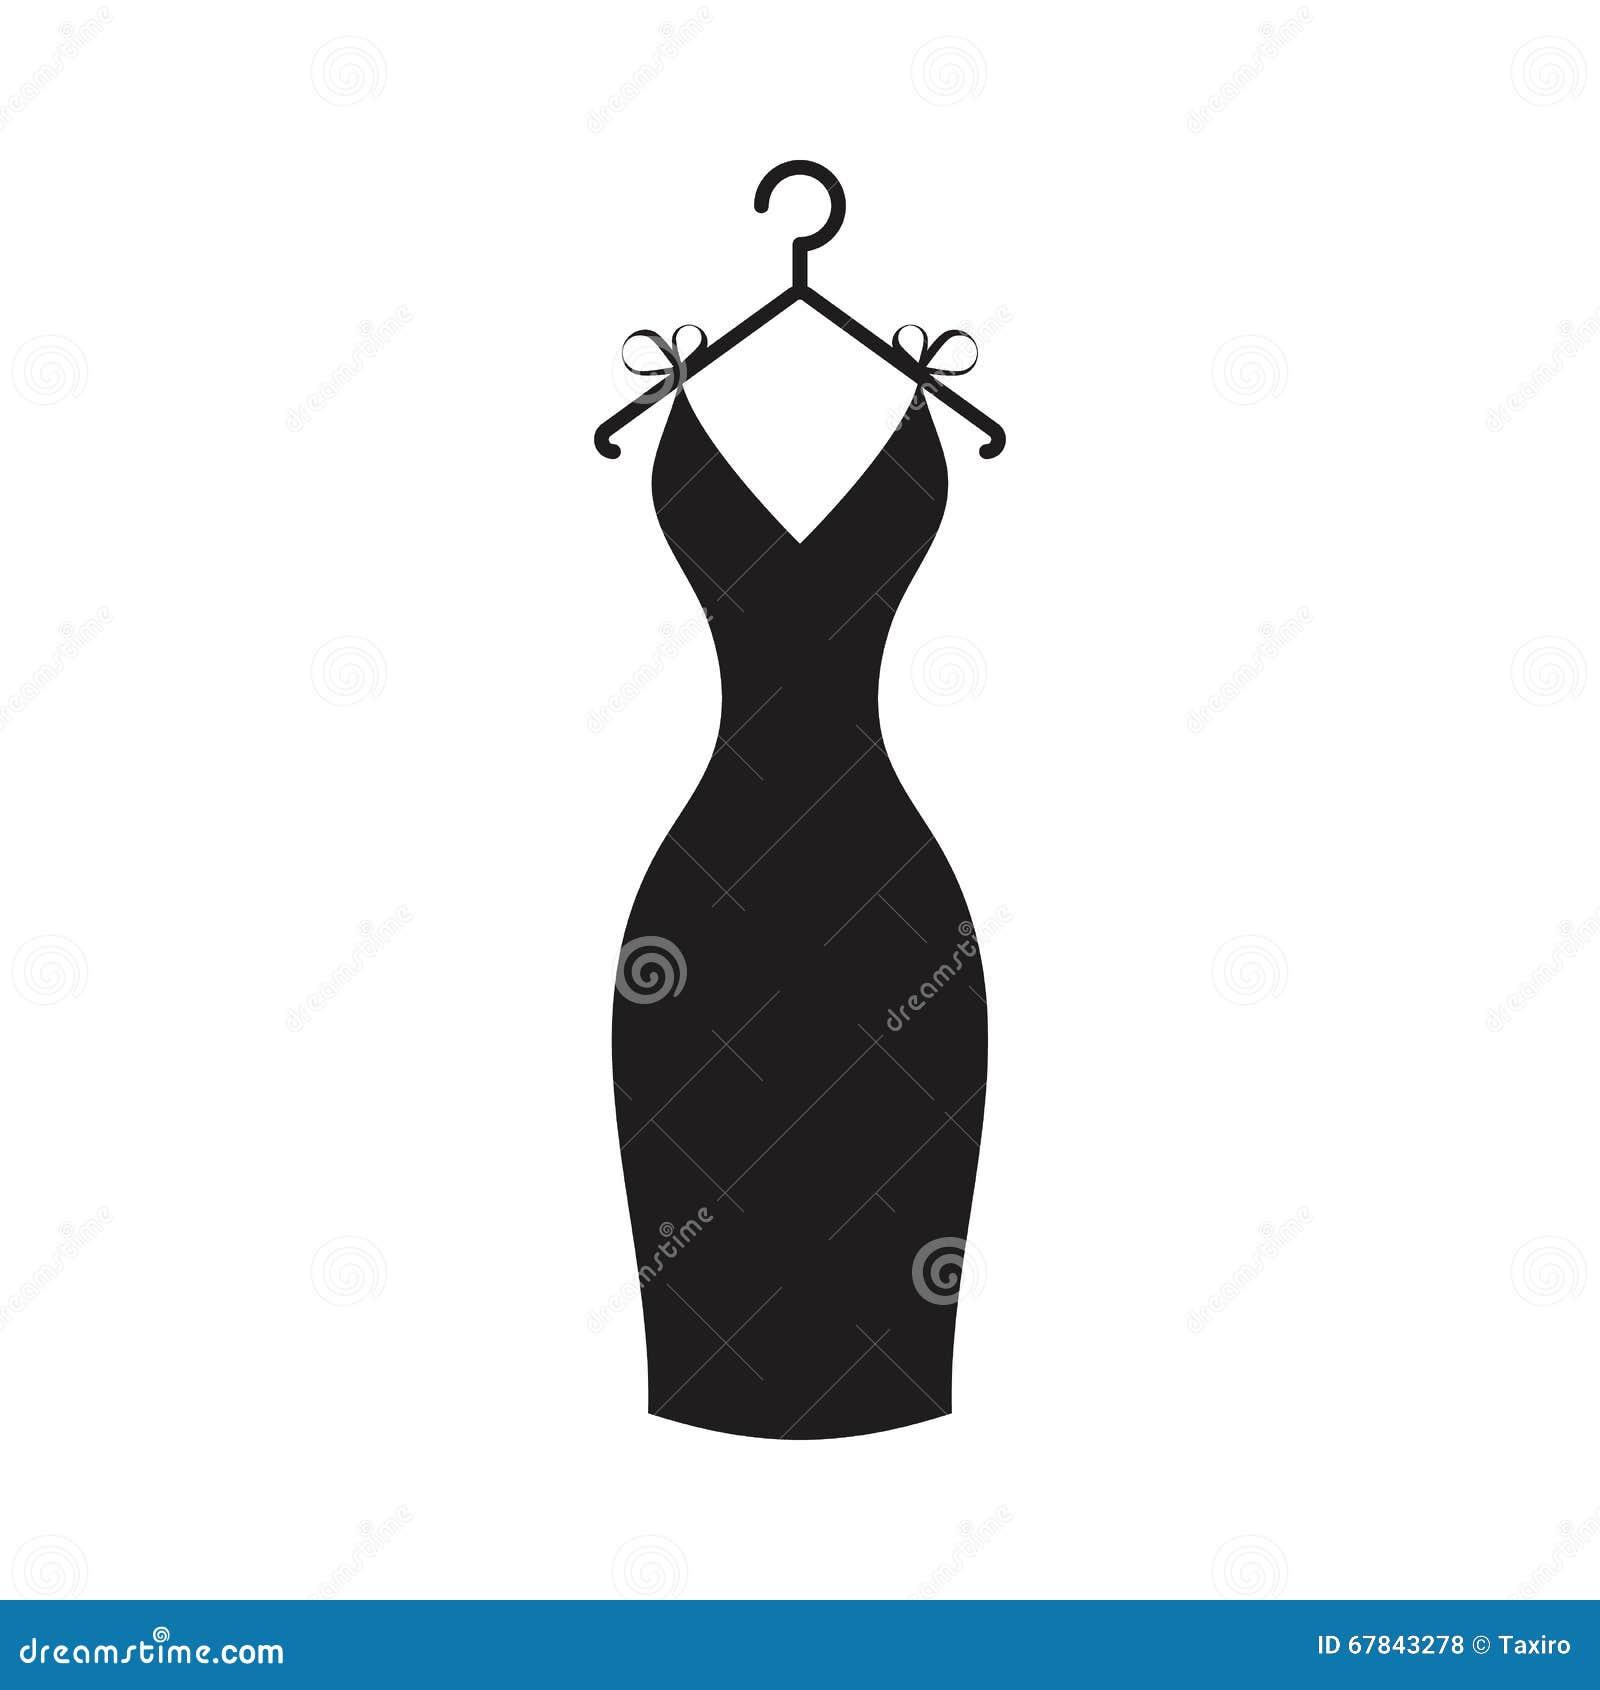 little black dress on hanger clipart wwwpixsharkcom